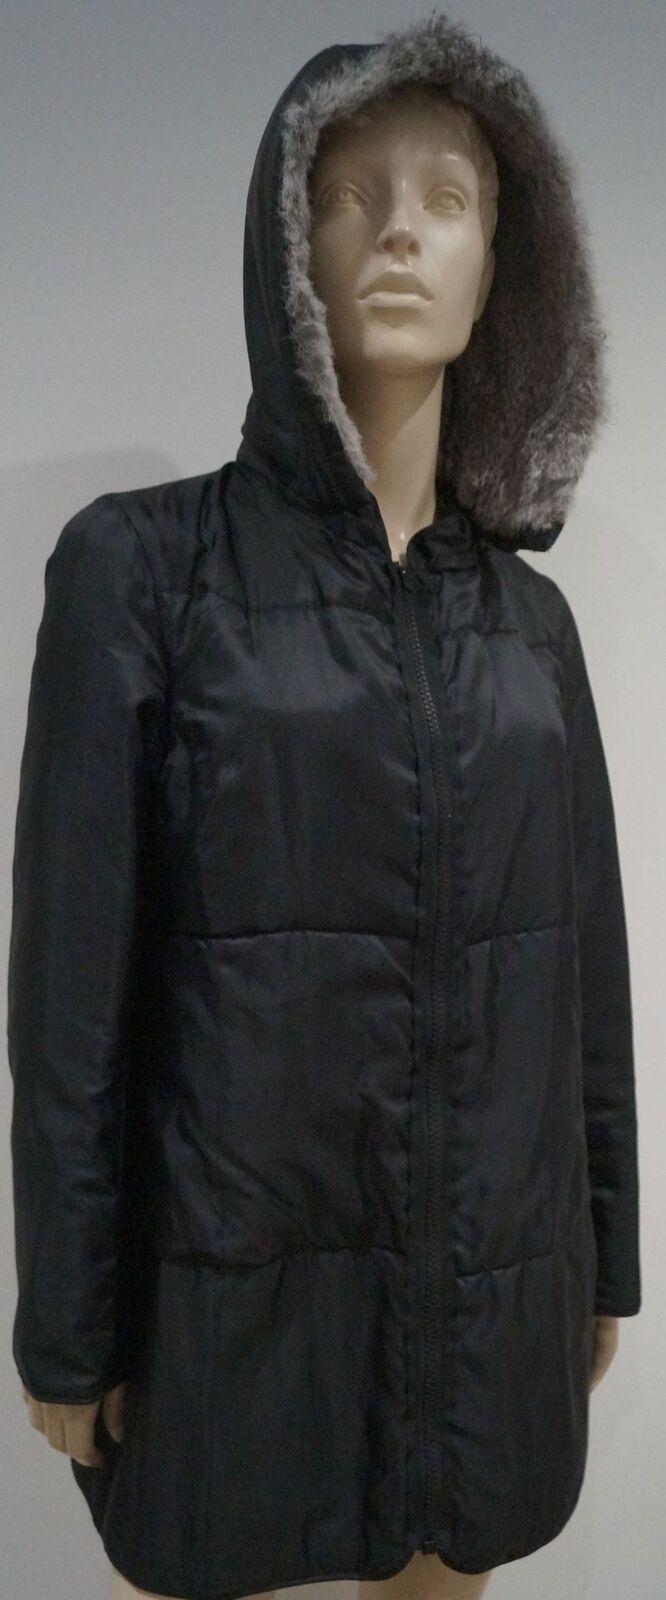 GERARD DAREL Negro Desmontable  Piel De Conejo Capucha Acolchada Chaqueta de Abrigo de invierno 44 16  alta calidad general